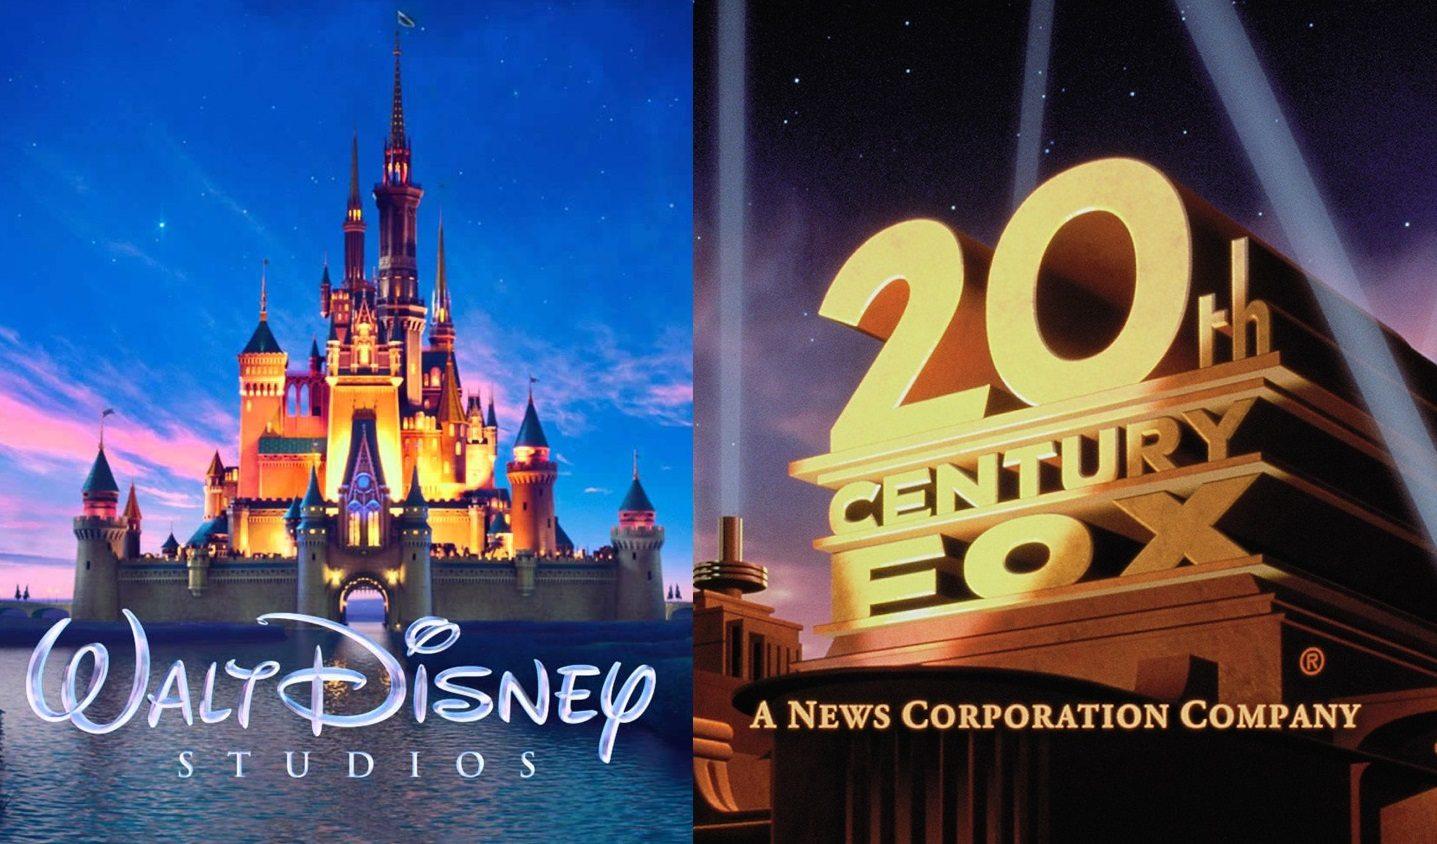 Los accionistas de Disney y Fox aprueban la adquisición de $ 71.3 mil millones, el acuerdo se completará a principios de 2019